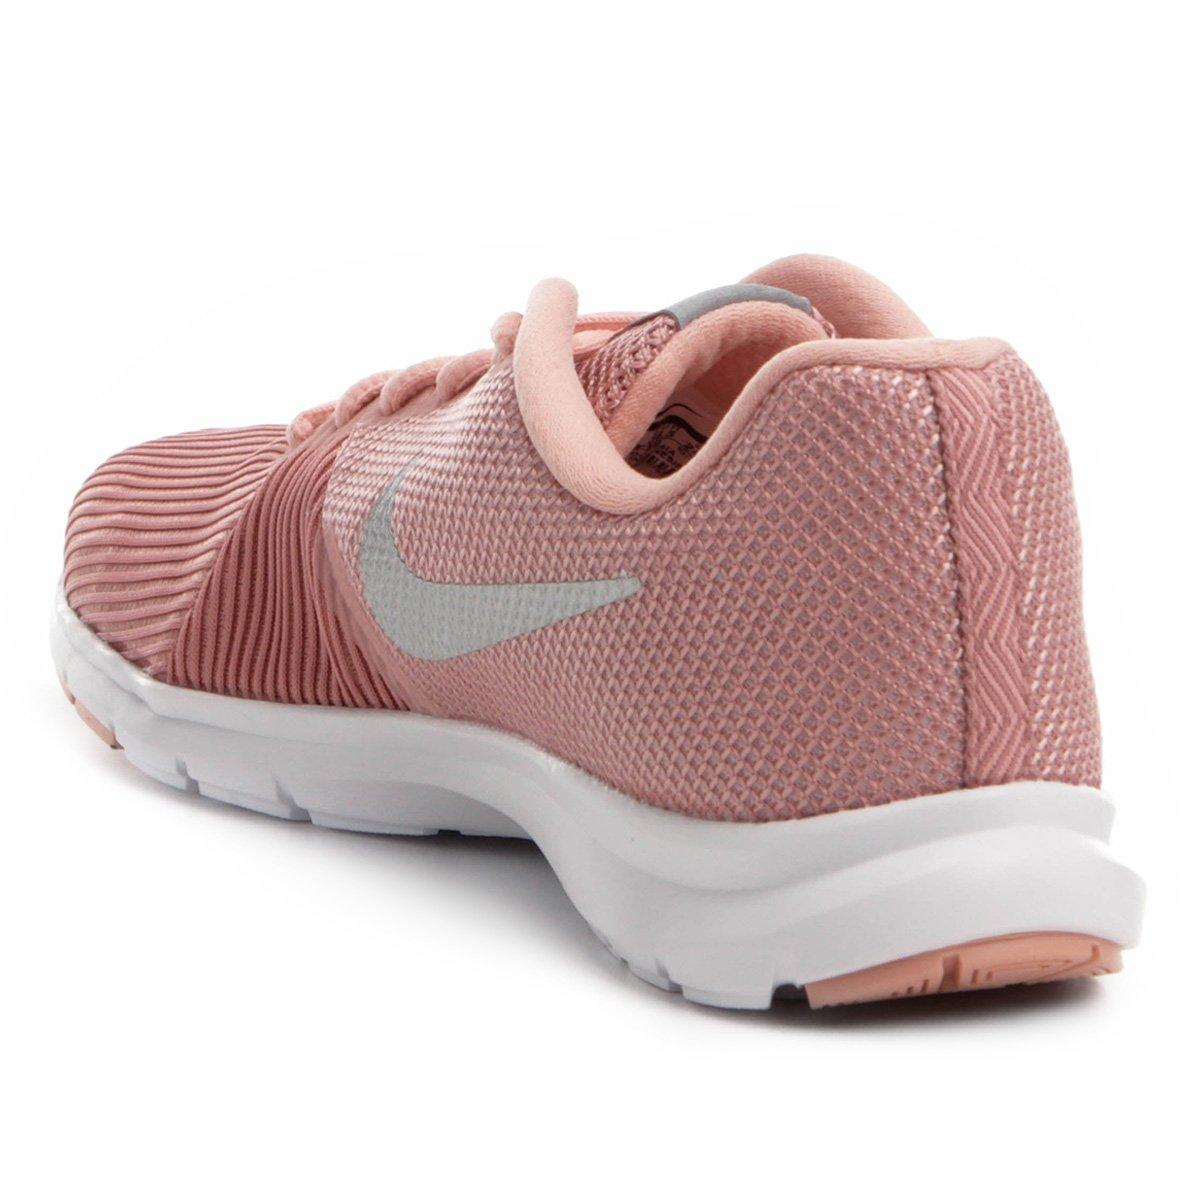 Tênis Nike Flex Bijoux Feminino - Rosa e prata - Compre Agora  b1364387ba7b2